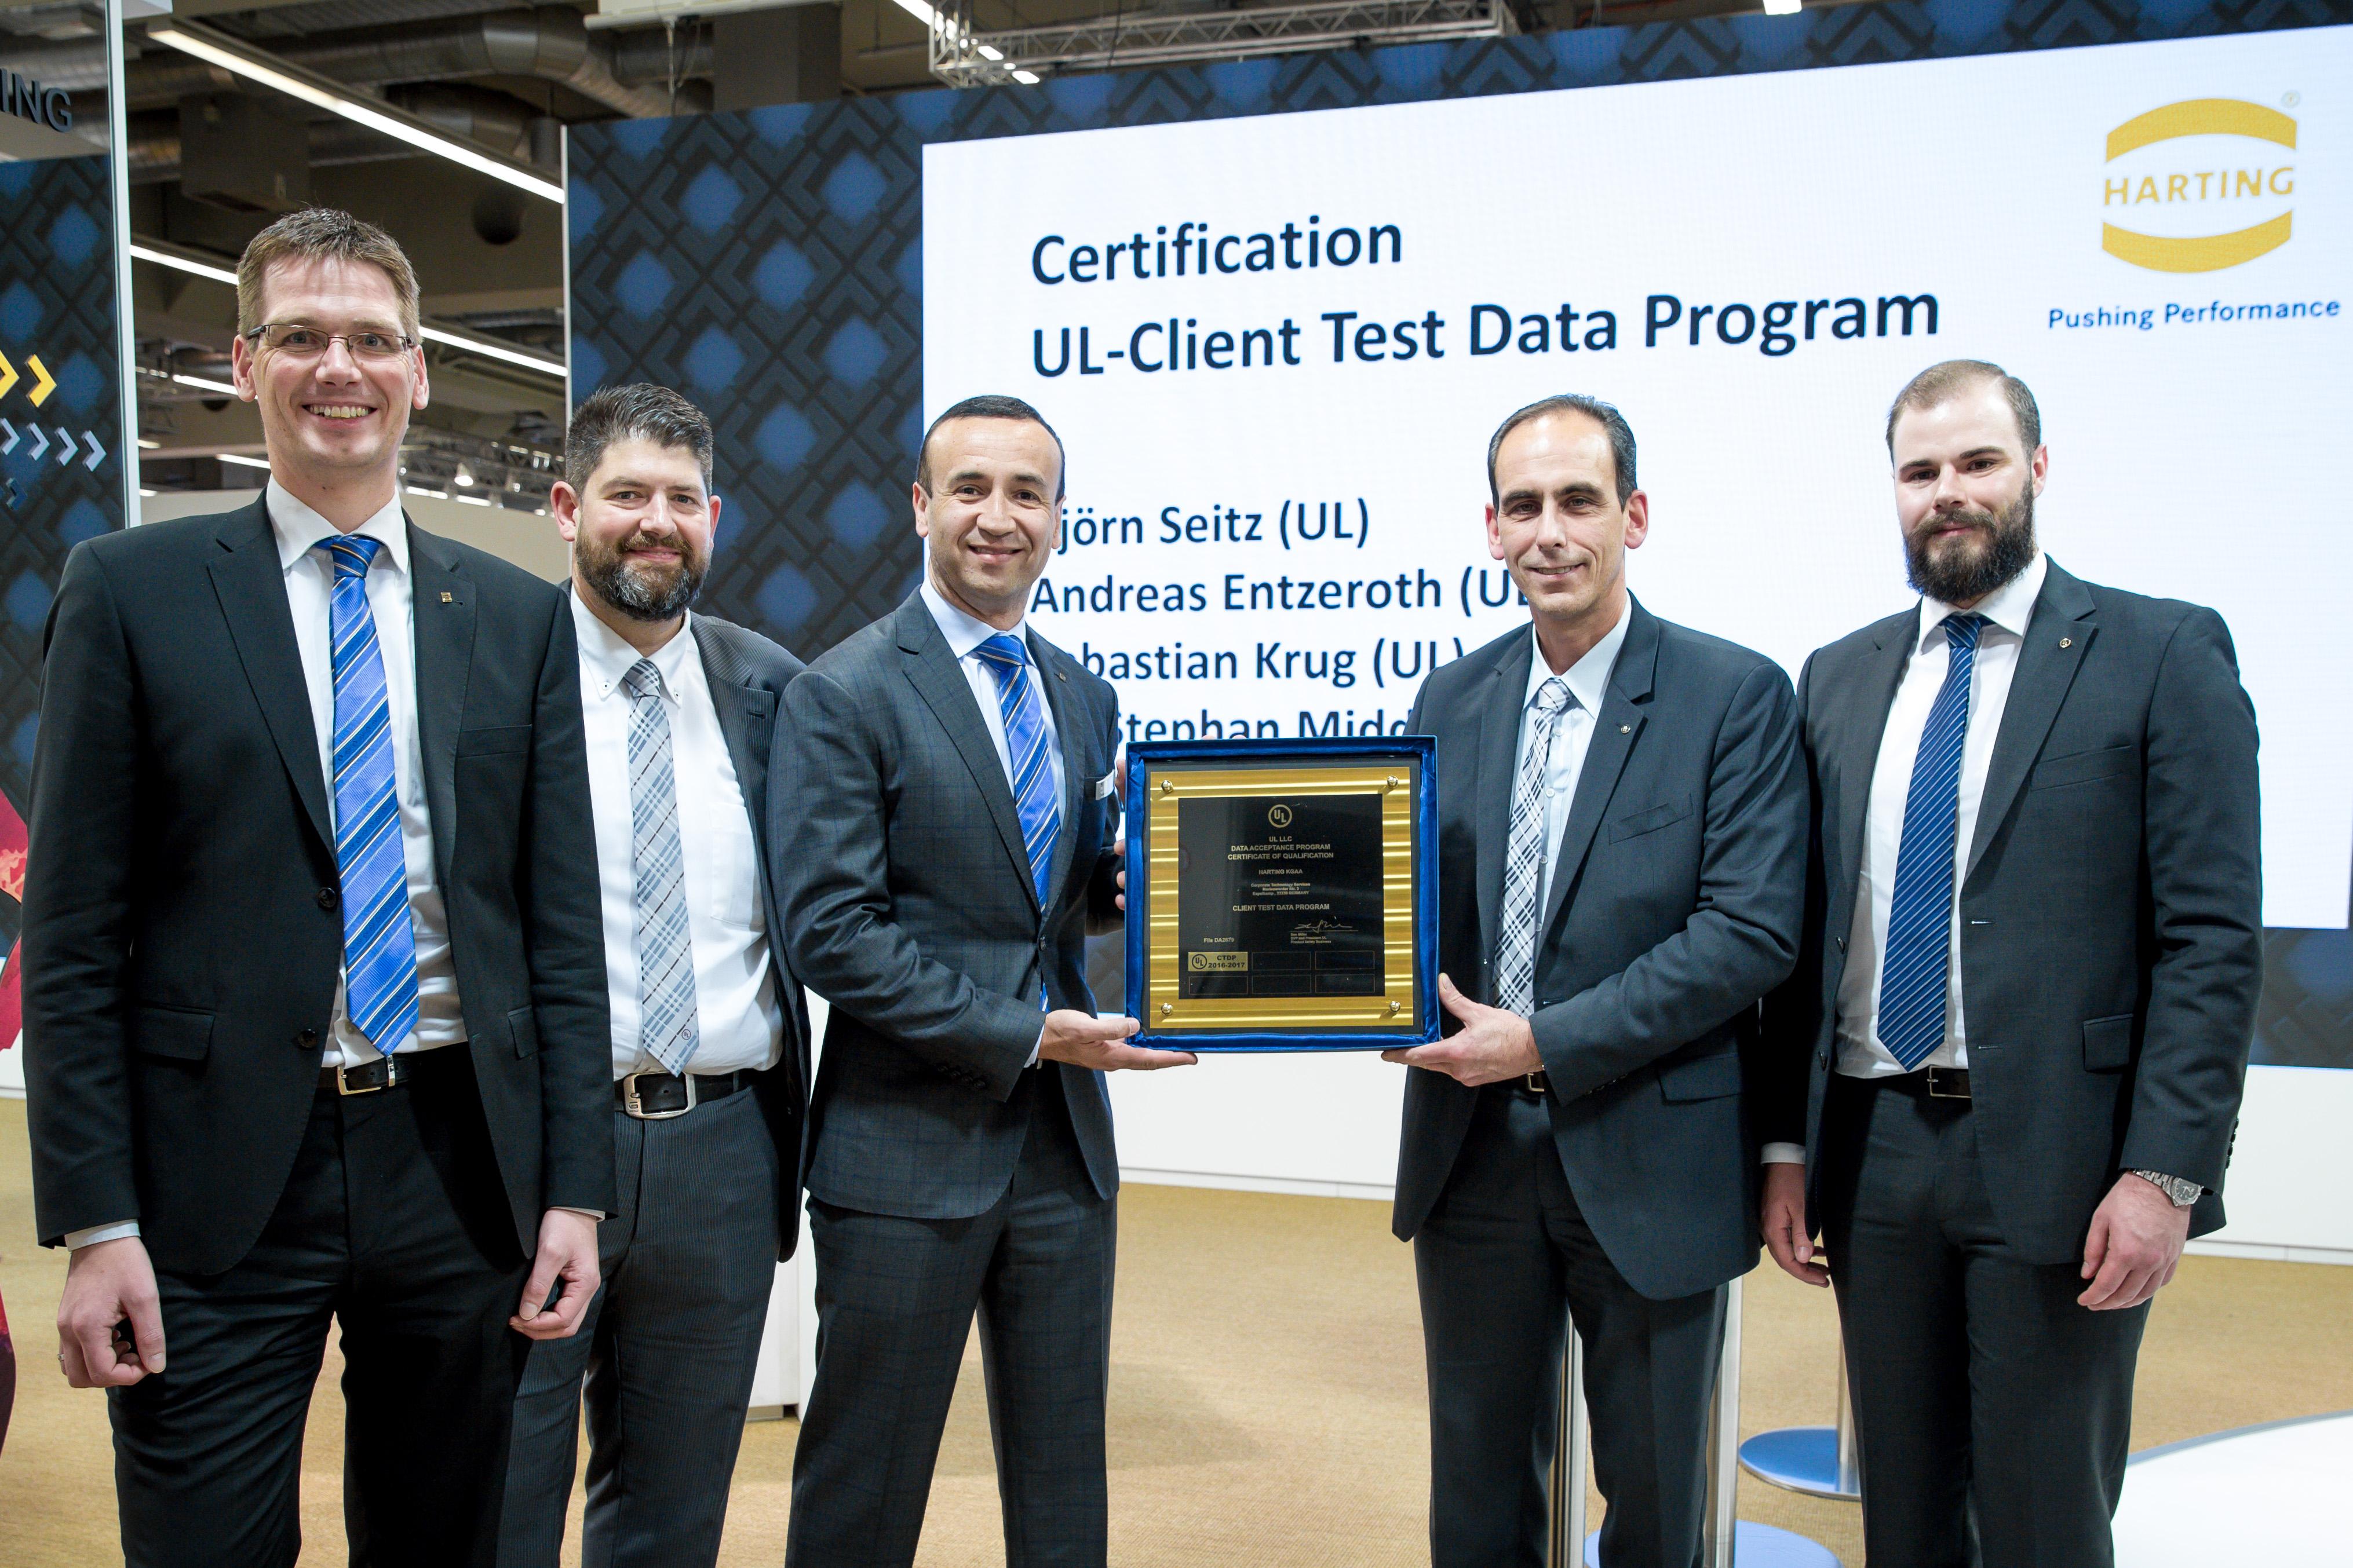 Die neue UL-Zertifizierung macht das Testen von Mustern im eigenen Prüflabor möglich (Foto: HARTING Technologiegruppe)